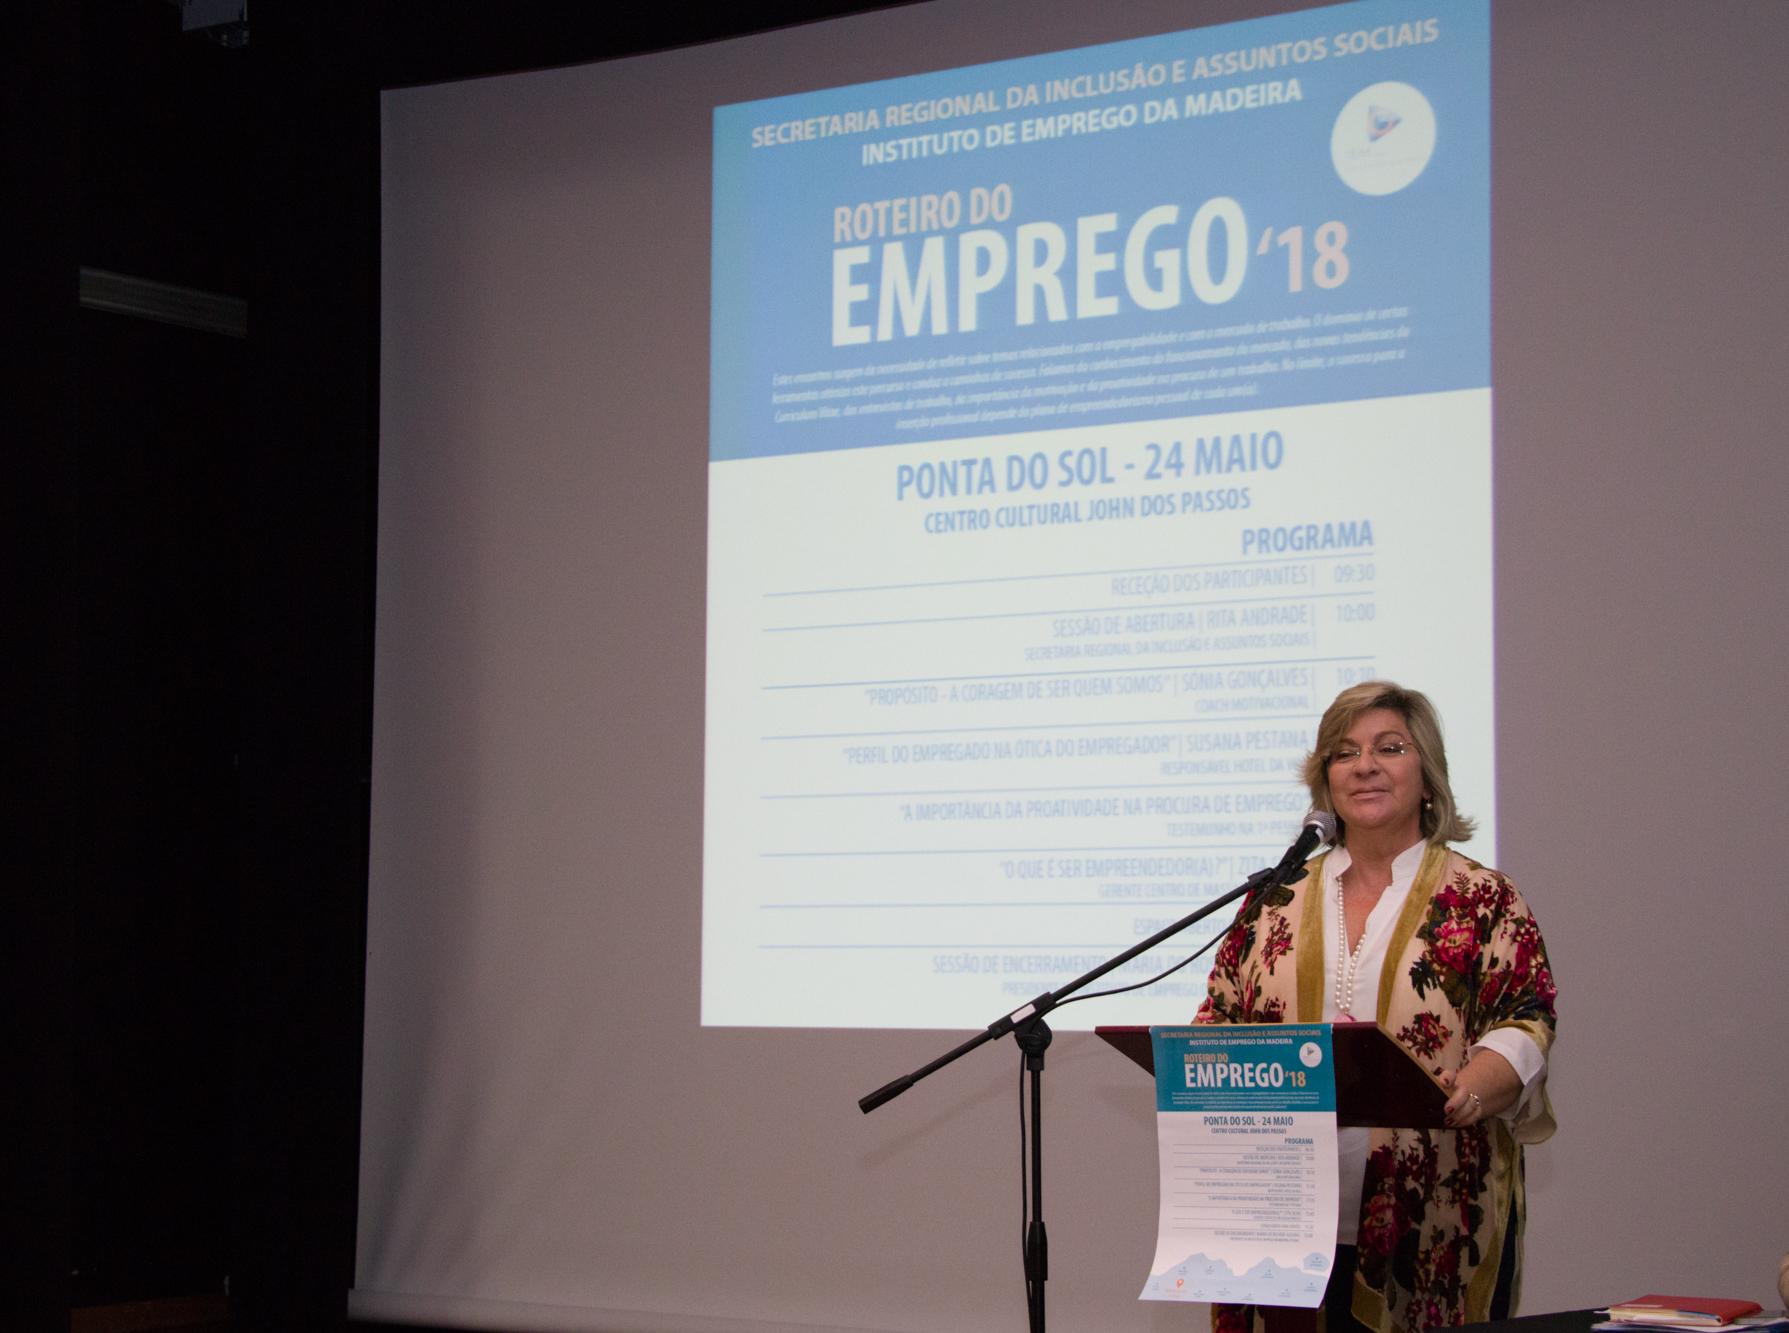 423 postos de trabalho criados através do programa de empreendedorismo para desempregados do Instituto de Emprego da Madeira